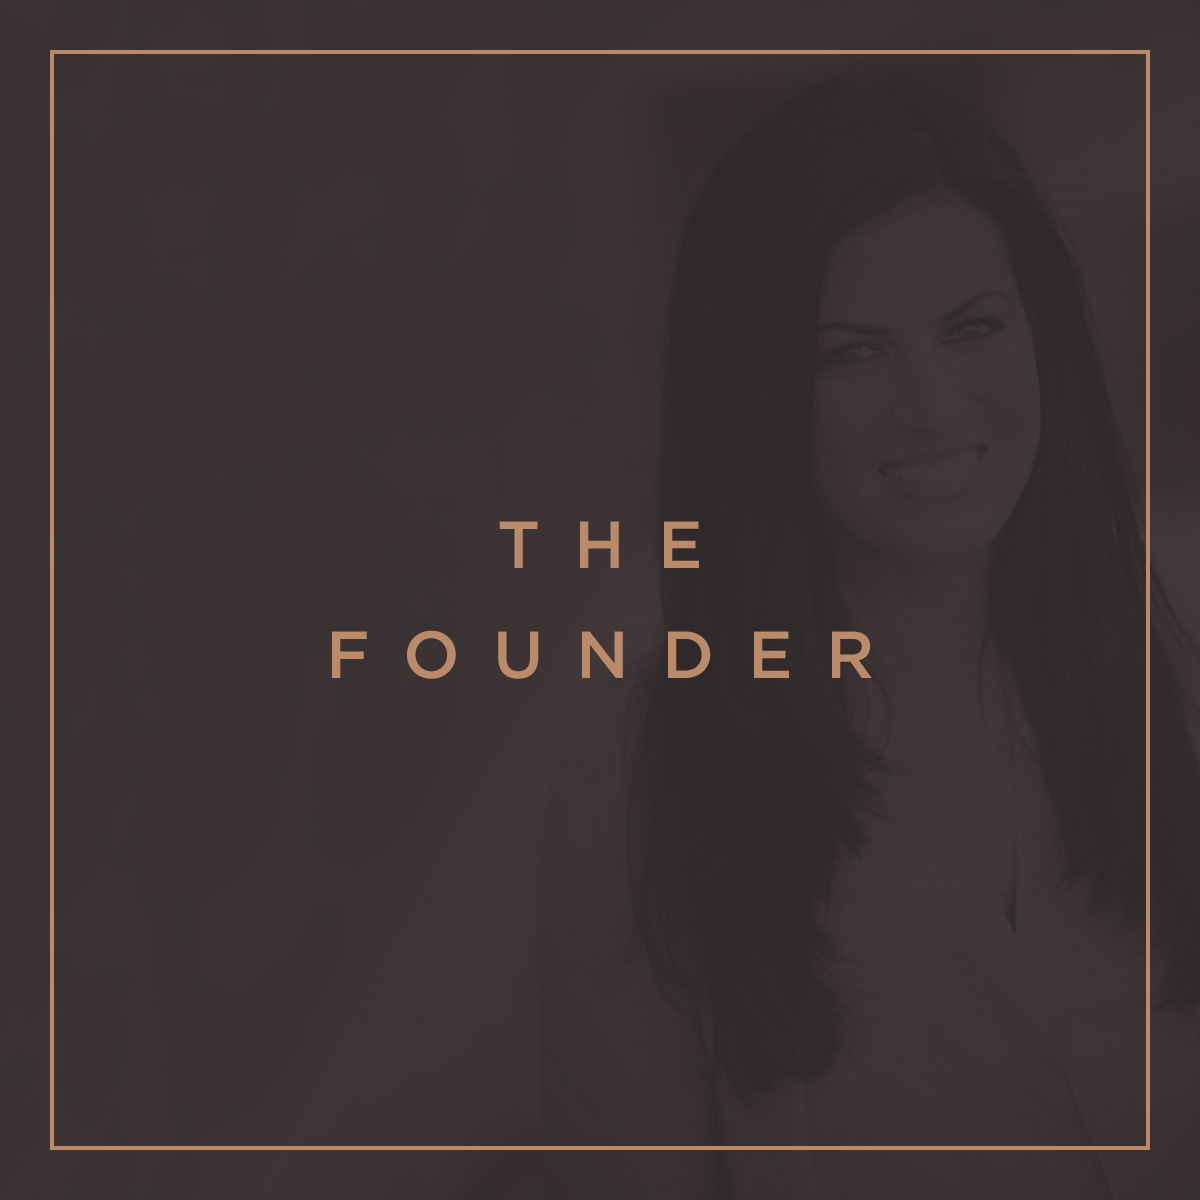 sento bene - the founder